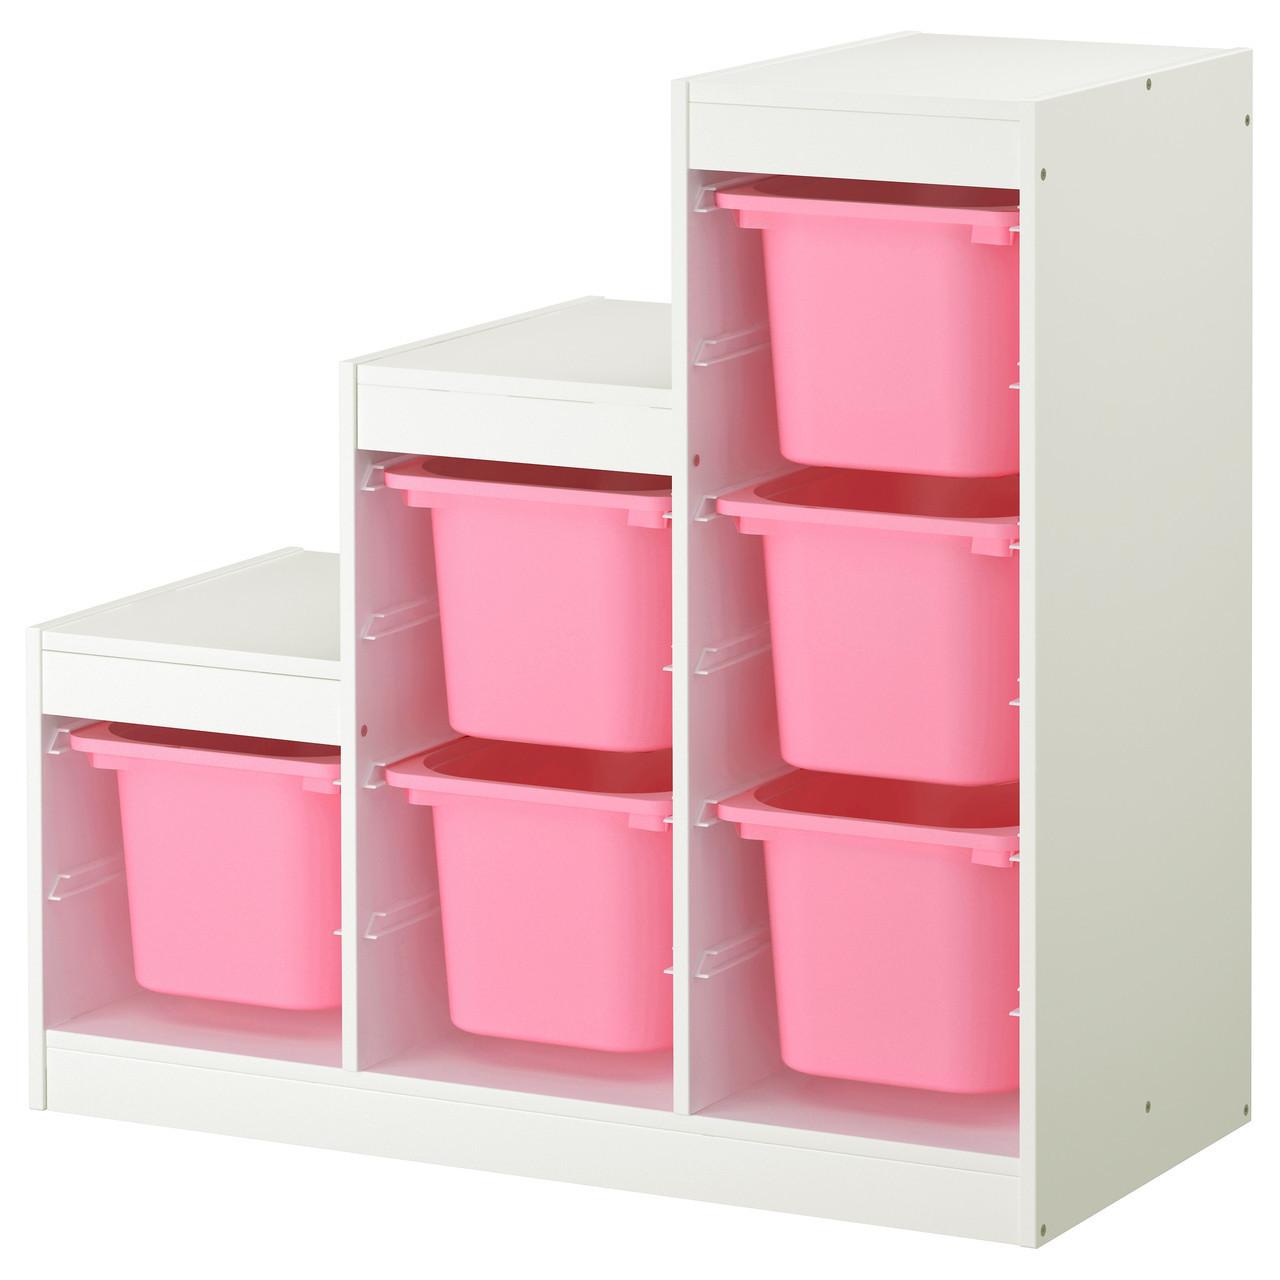 Комбинация для хранения игрушек TROFAST, белый, розовый, IKEA, 898.575.41